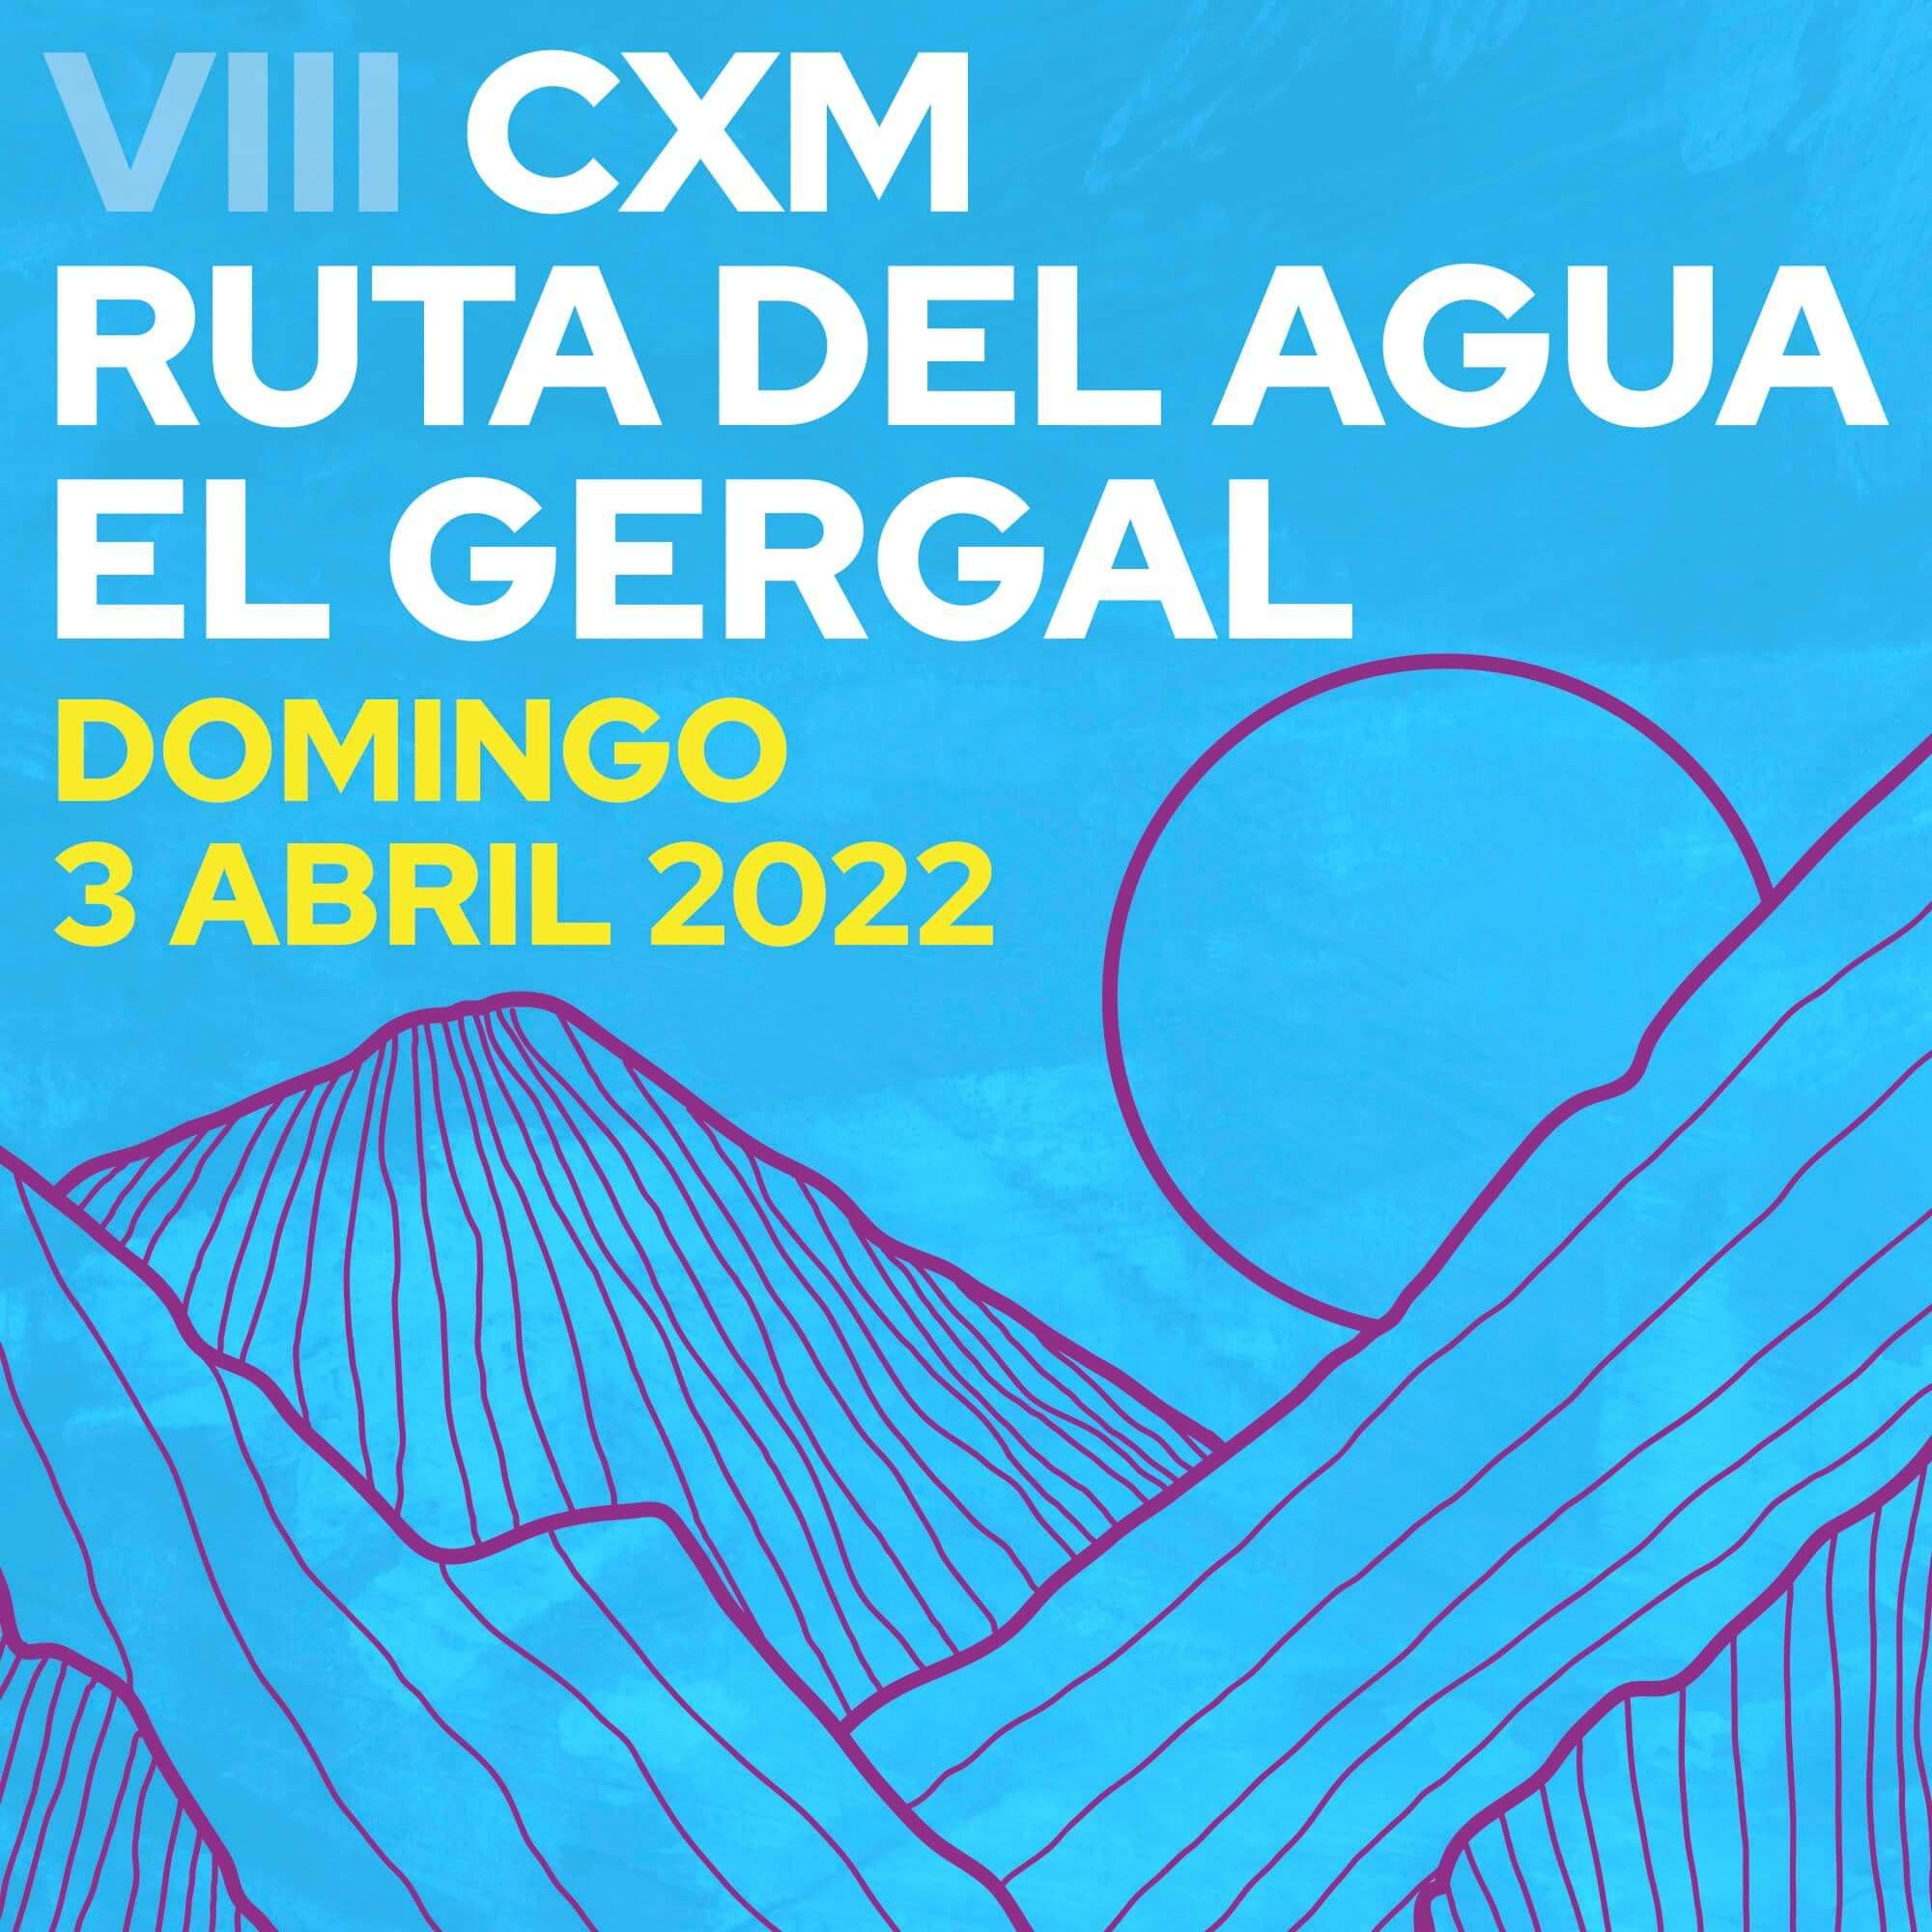 VIII CxM Ruta del Agua - El Gergal